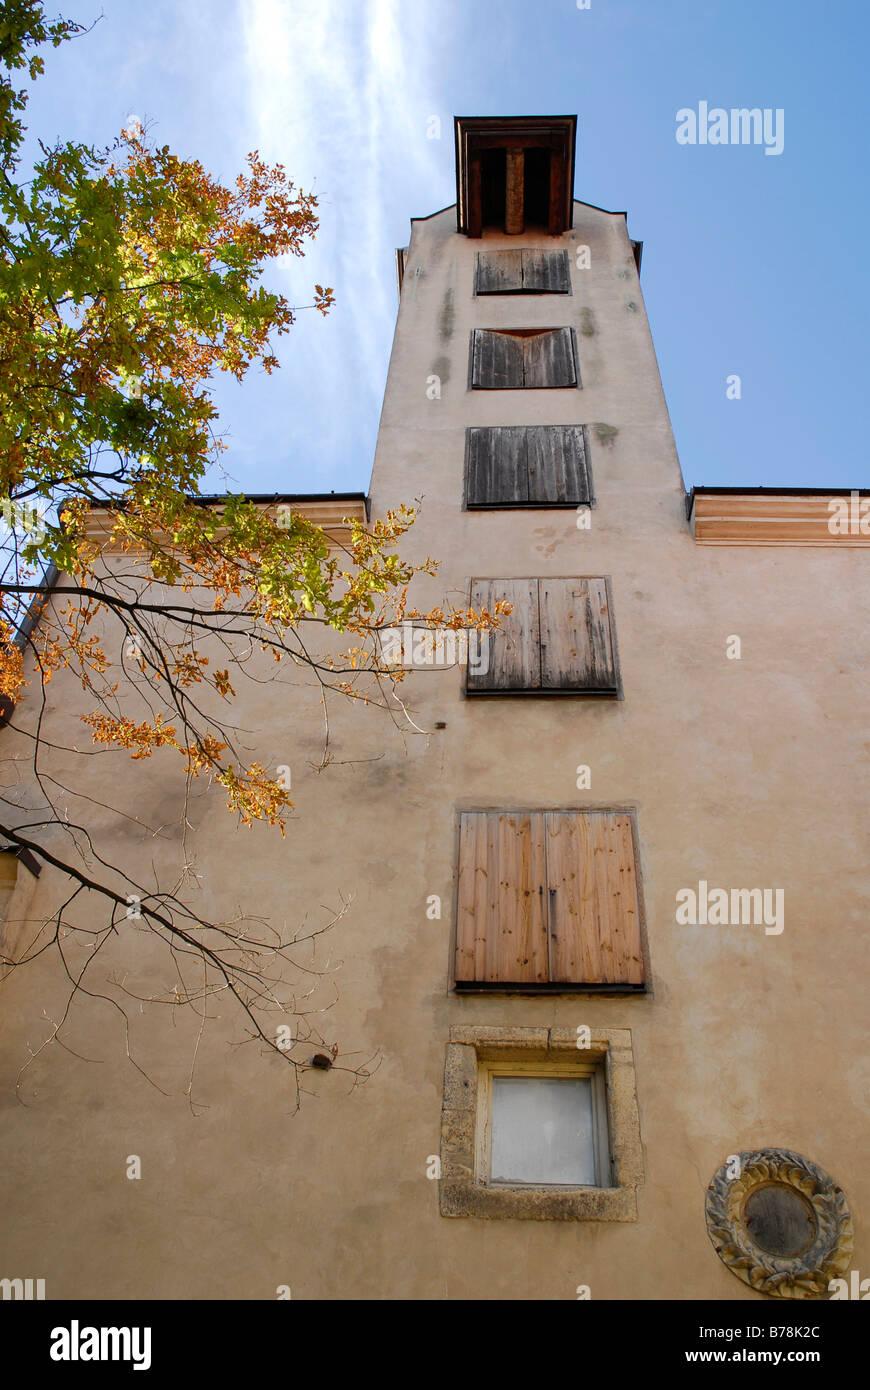 Konventa Seta, cortile del convento nel centro storico della città, Vecriga, Riga, Lettonia, Paesi baltici, Immagini Stock